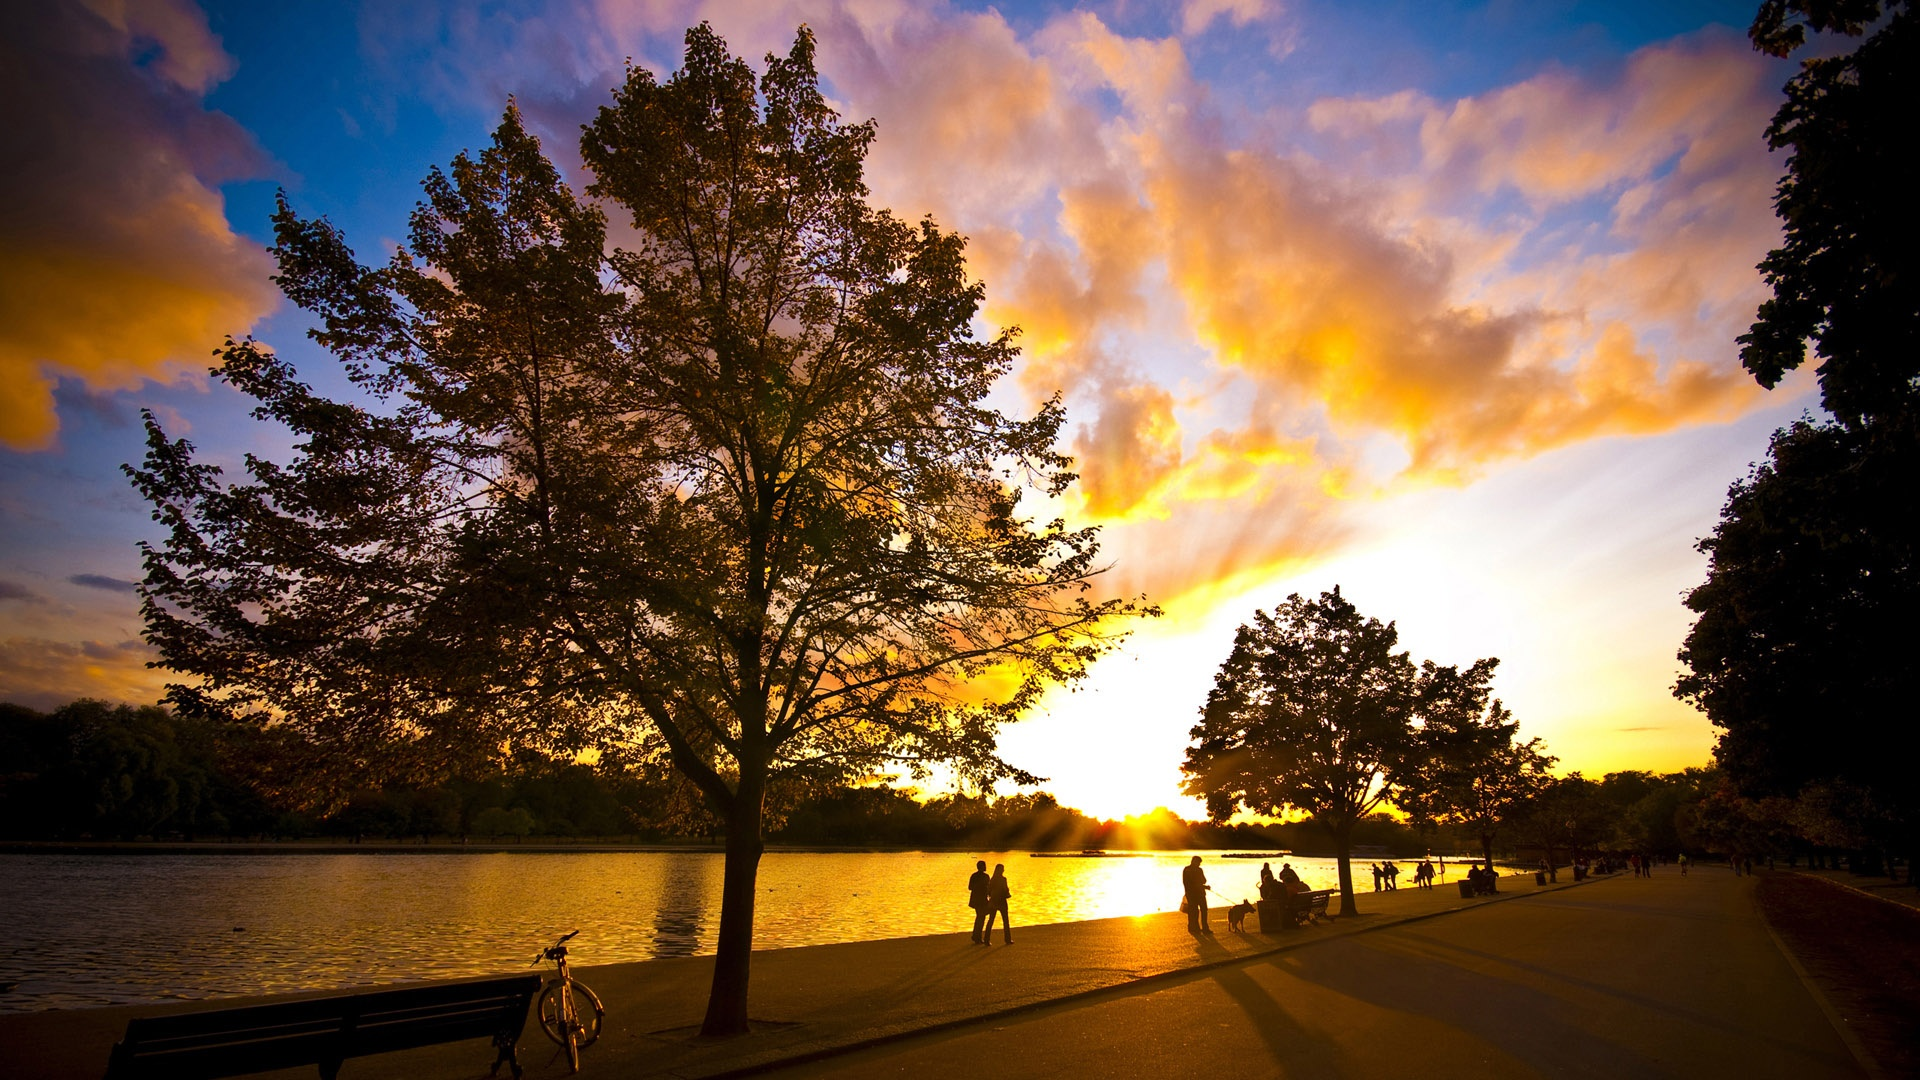 壁紙 湖の日没の夕暮れ 19x1080 Full Hd 2k 無料のデスクトップの背景 画像